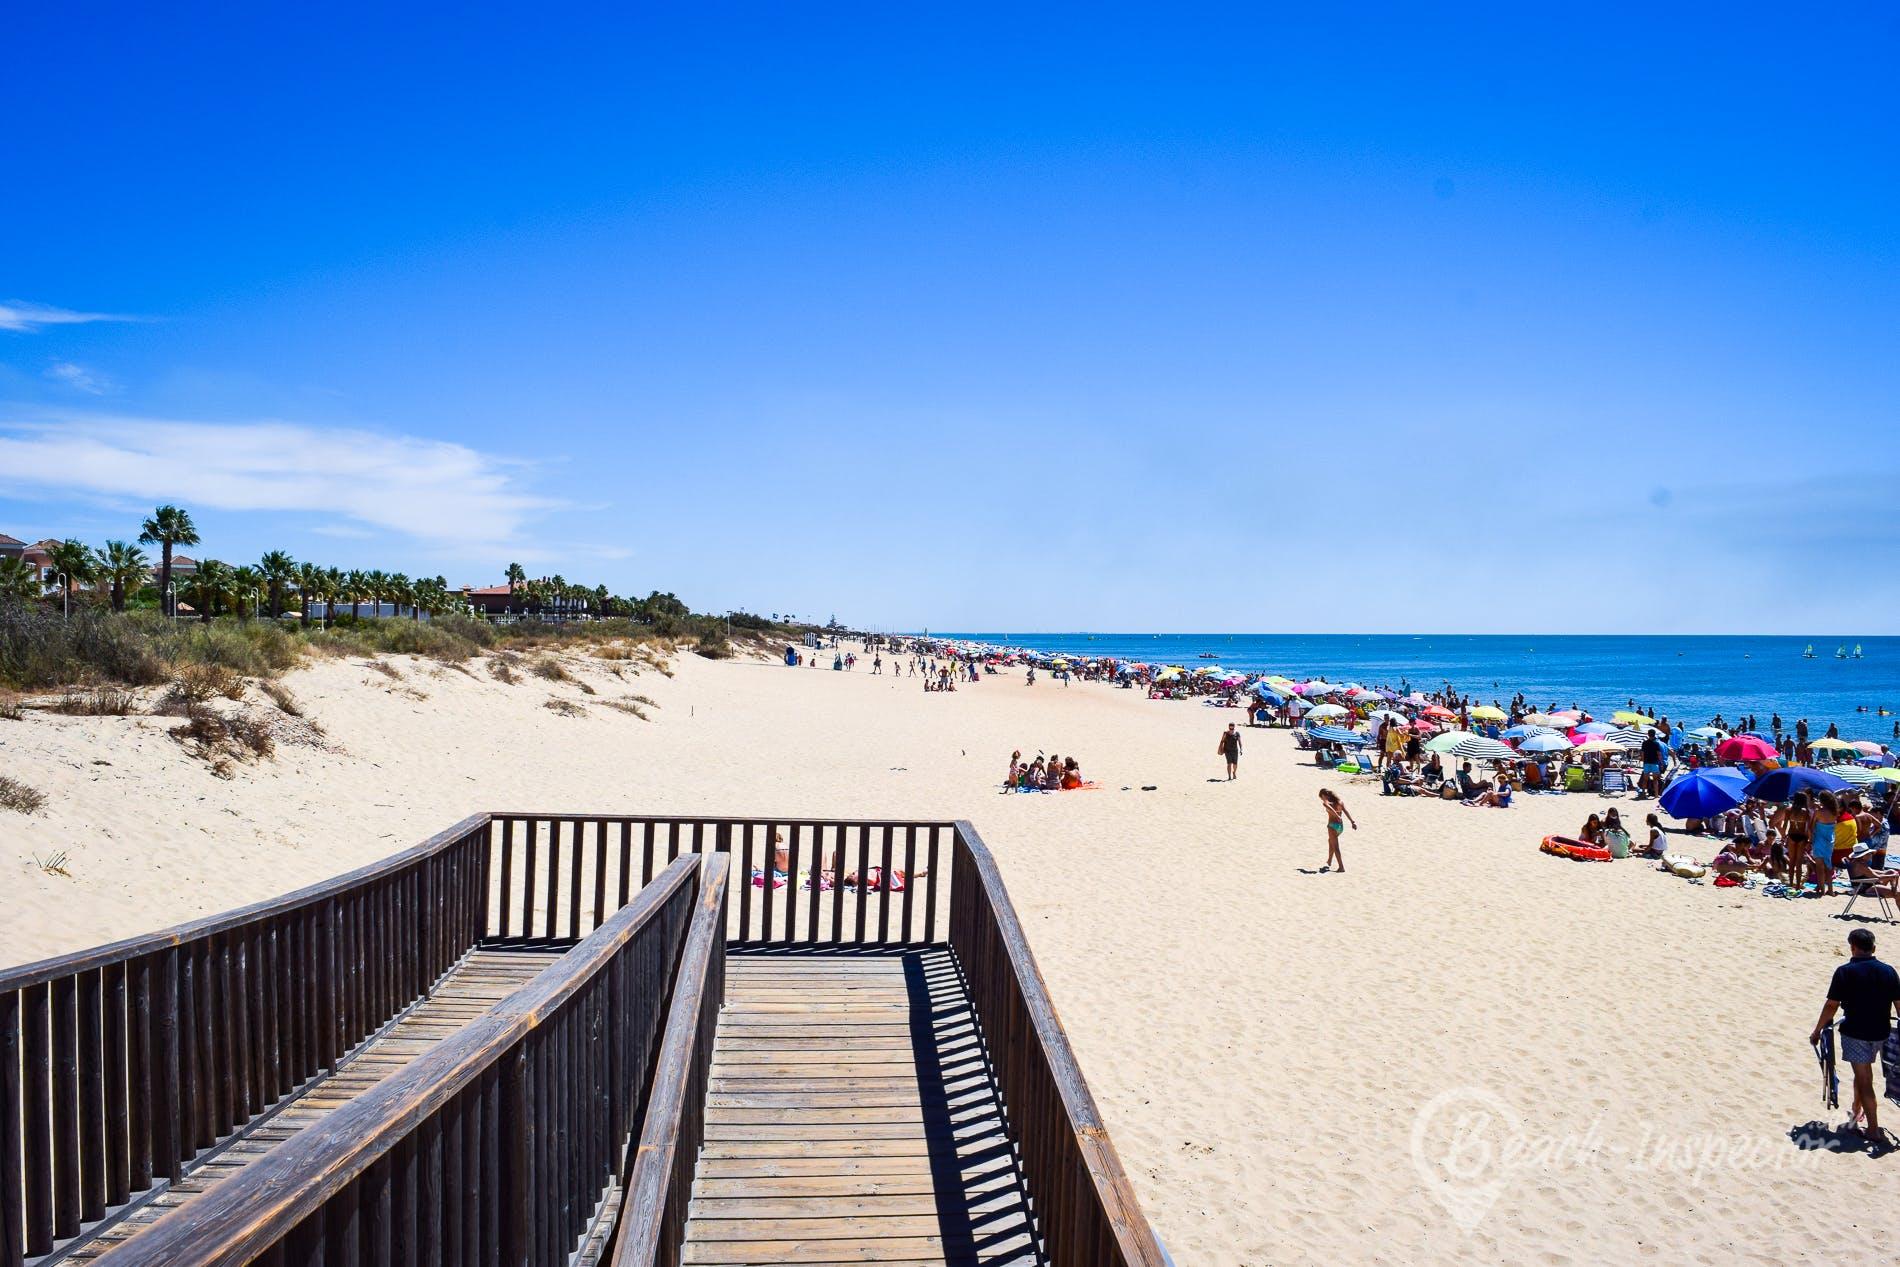 Beach Playa Islantilla, Costa de la Luz, Spain